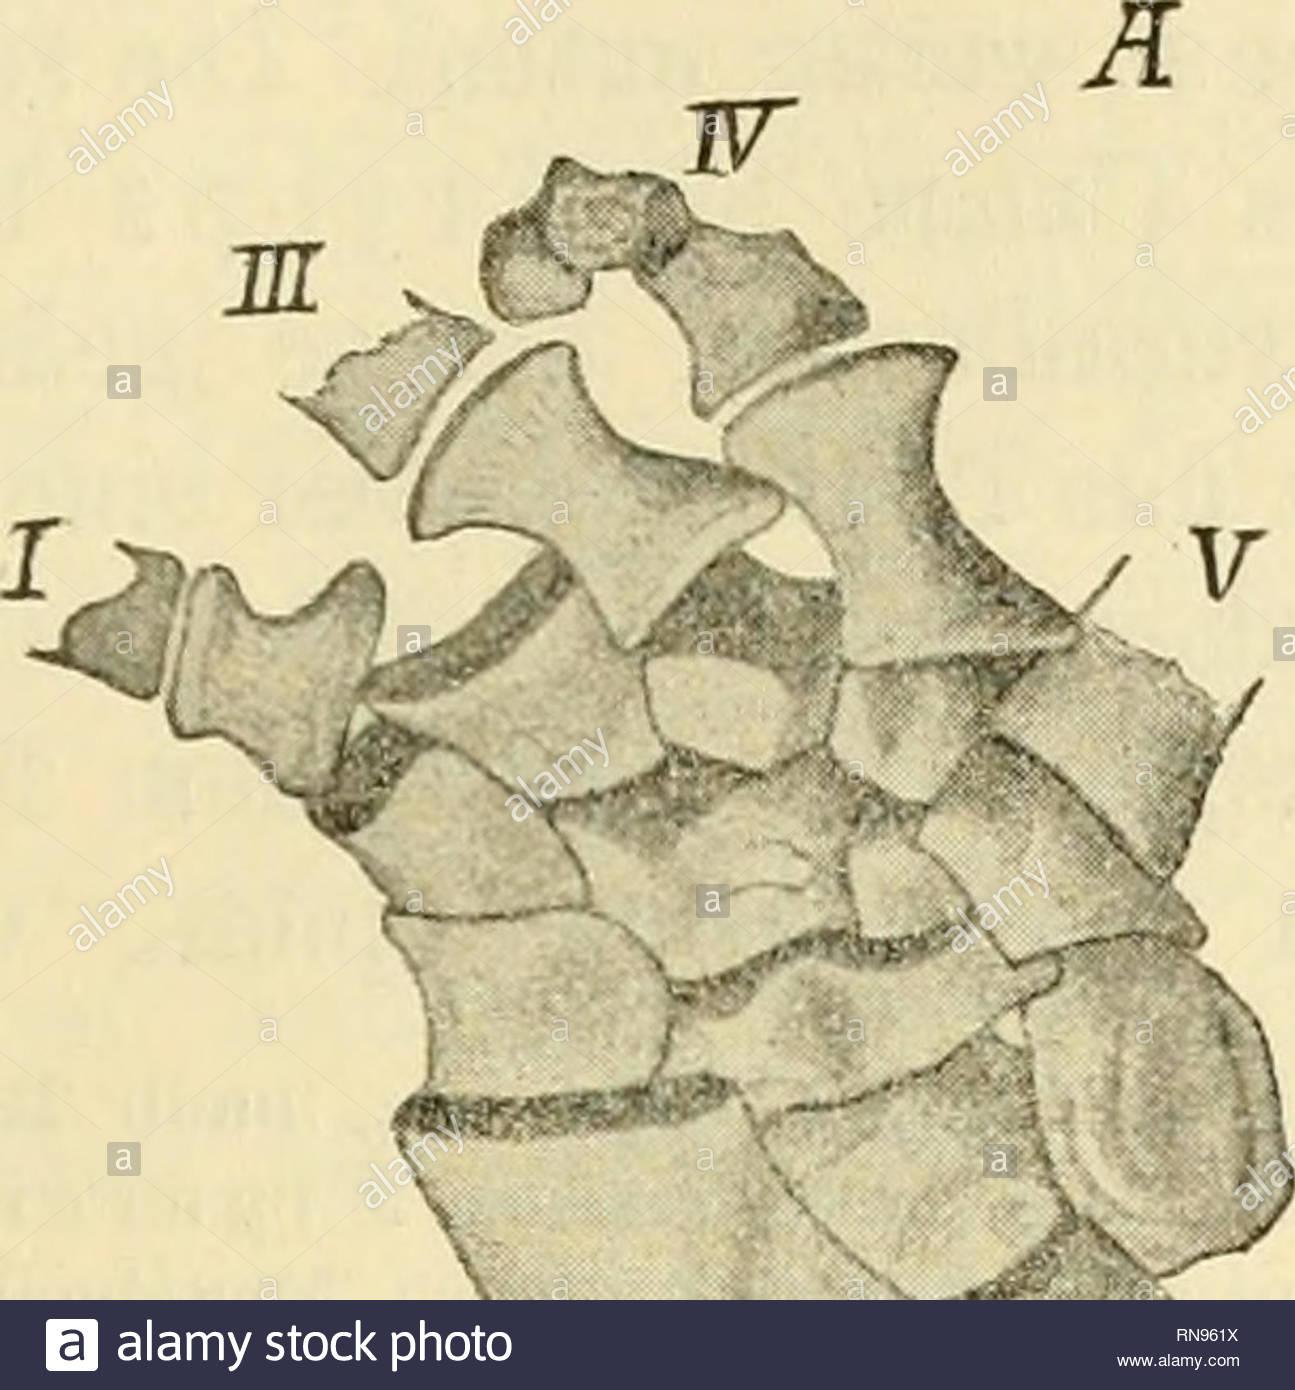 anatomischer anzeiger anatomy parative anatomy parative 203 beweisen da ersteres nicht folge von knorpelzerstrung war sondern durch dislocation stattfand carpalia schlssen im natr lichen zustand gewi eng an einander proximale reihe besteht aus 4 stcken wovon 3 den radius berhren cope deutet sie als y v i fig 1 linke vorderextremitt von eryops meg a cep h alu s nach cope a volare b dorsale ansicht radiale centrale intermedium und ulnare weiter distal finden sich in der mitte der handwurzel noch zwei kleinere ungleiche centralia di RN961X